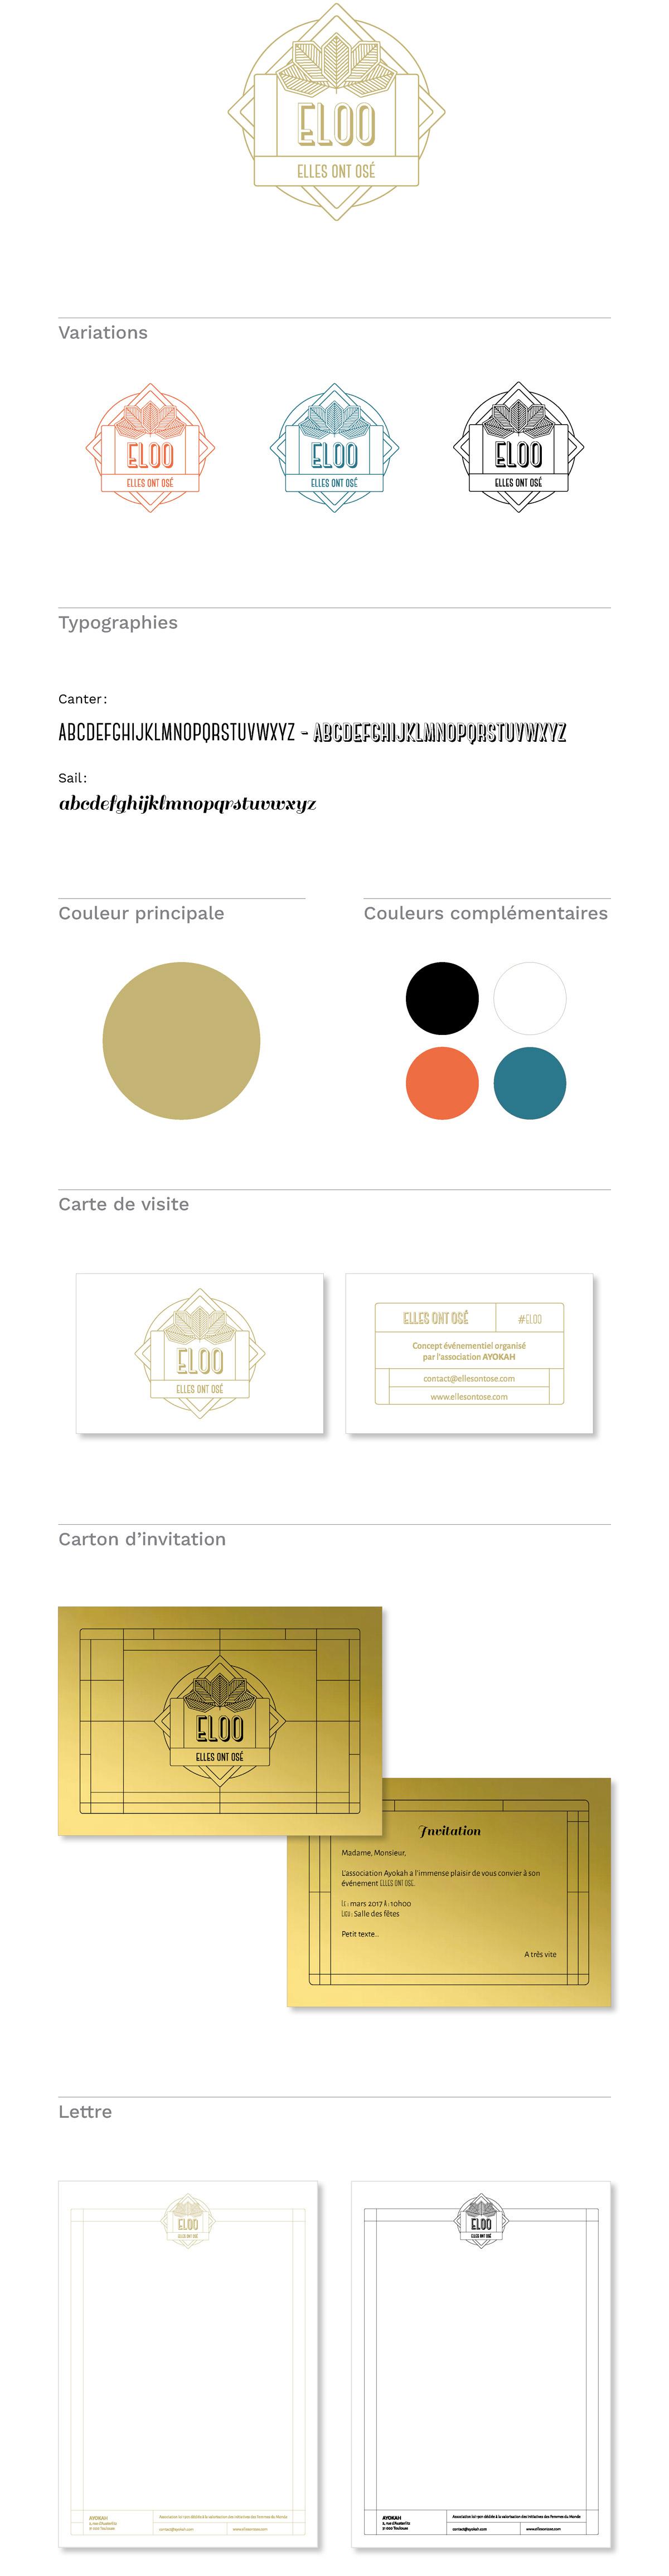 Louise Devalois graphiste Toulouse identites-visuelles